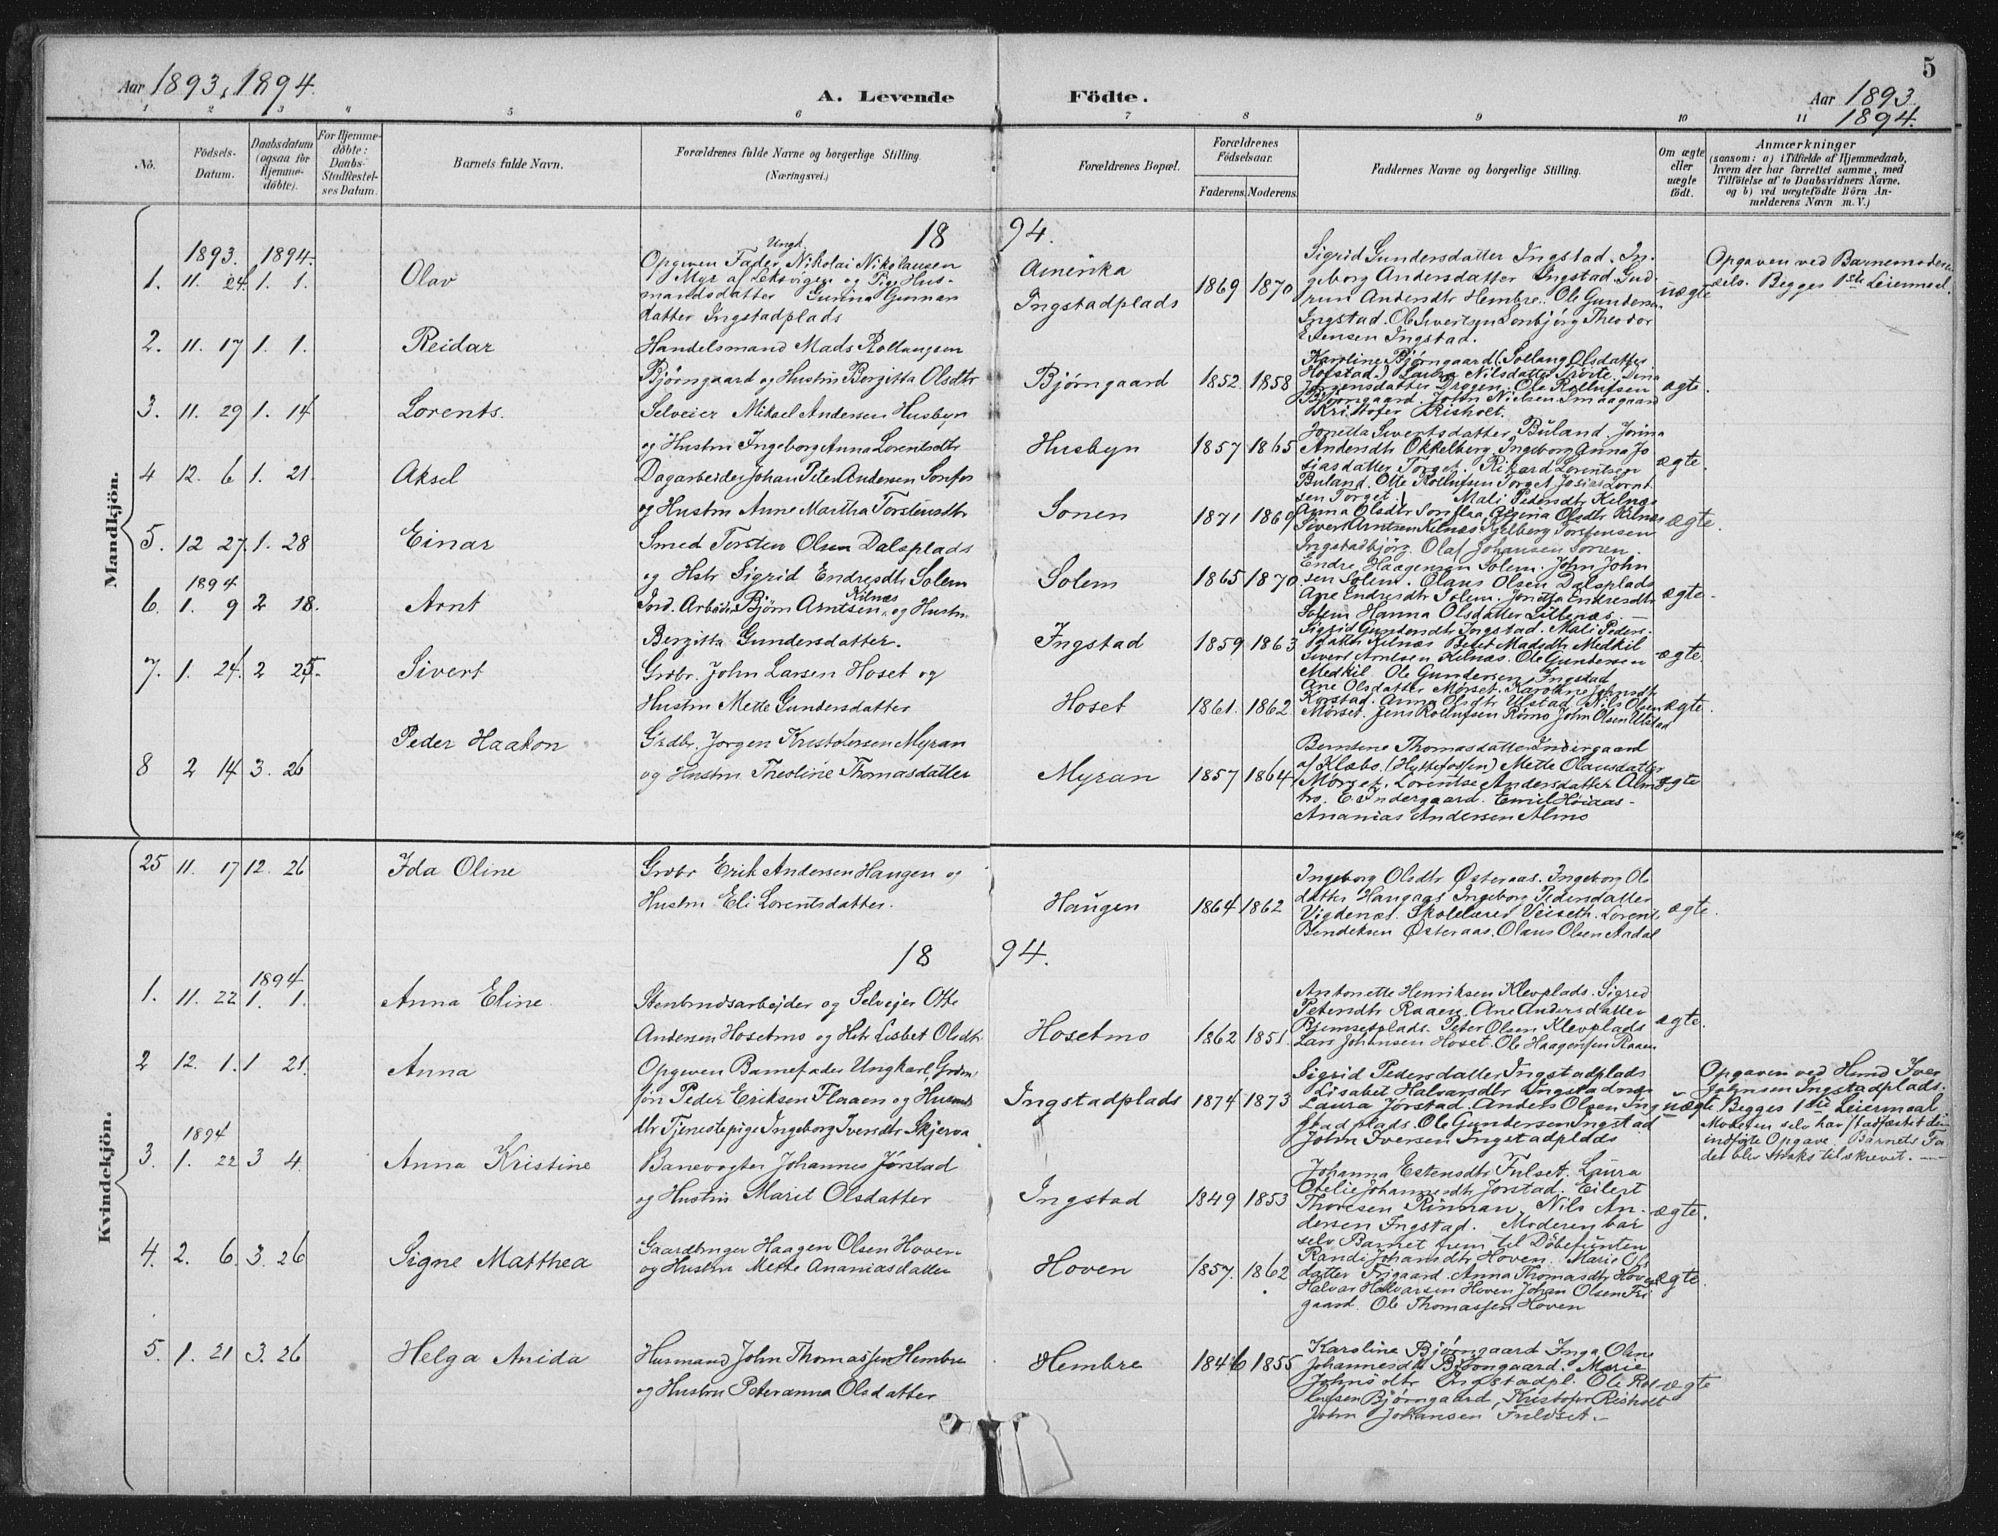 SAT, Ministerialprotokoller, klokkerbøker og fødselsregistre - Nord-Trøndelag, 703/L0031: Ministerialbok nr. 703A04, 1893-1914, s. 5